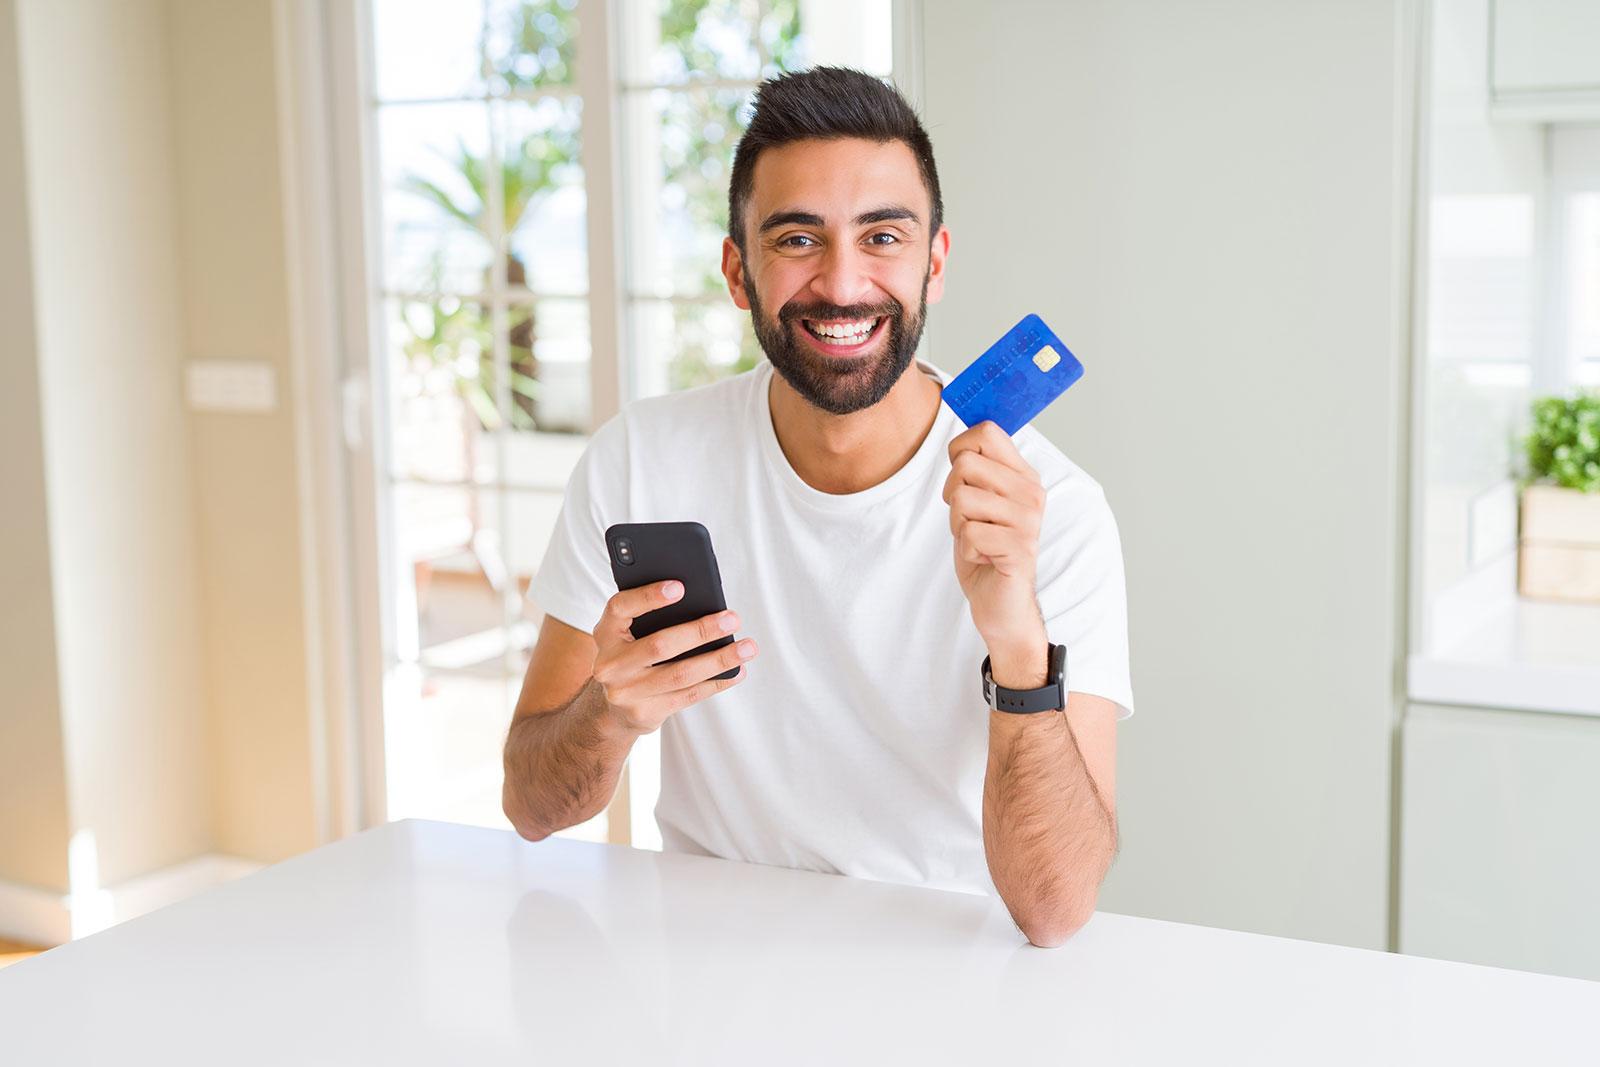 Testperson im Einzelinterview mit Handy und Kreditkarte in der Hand